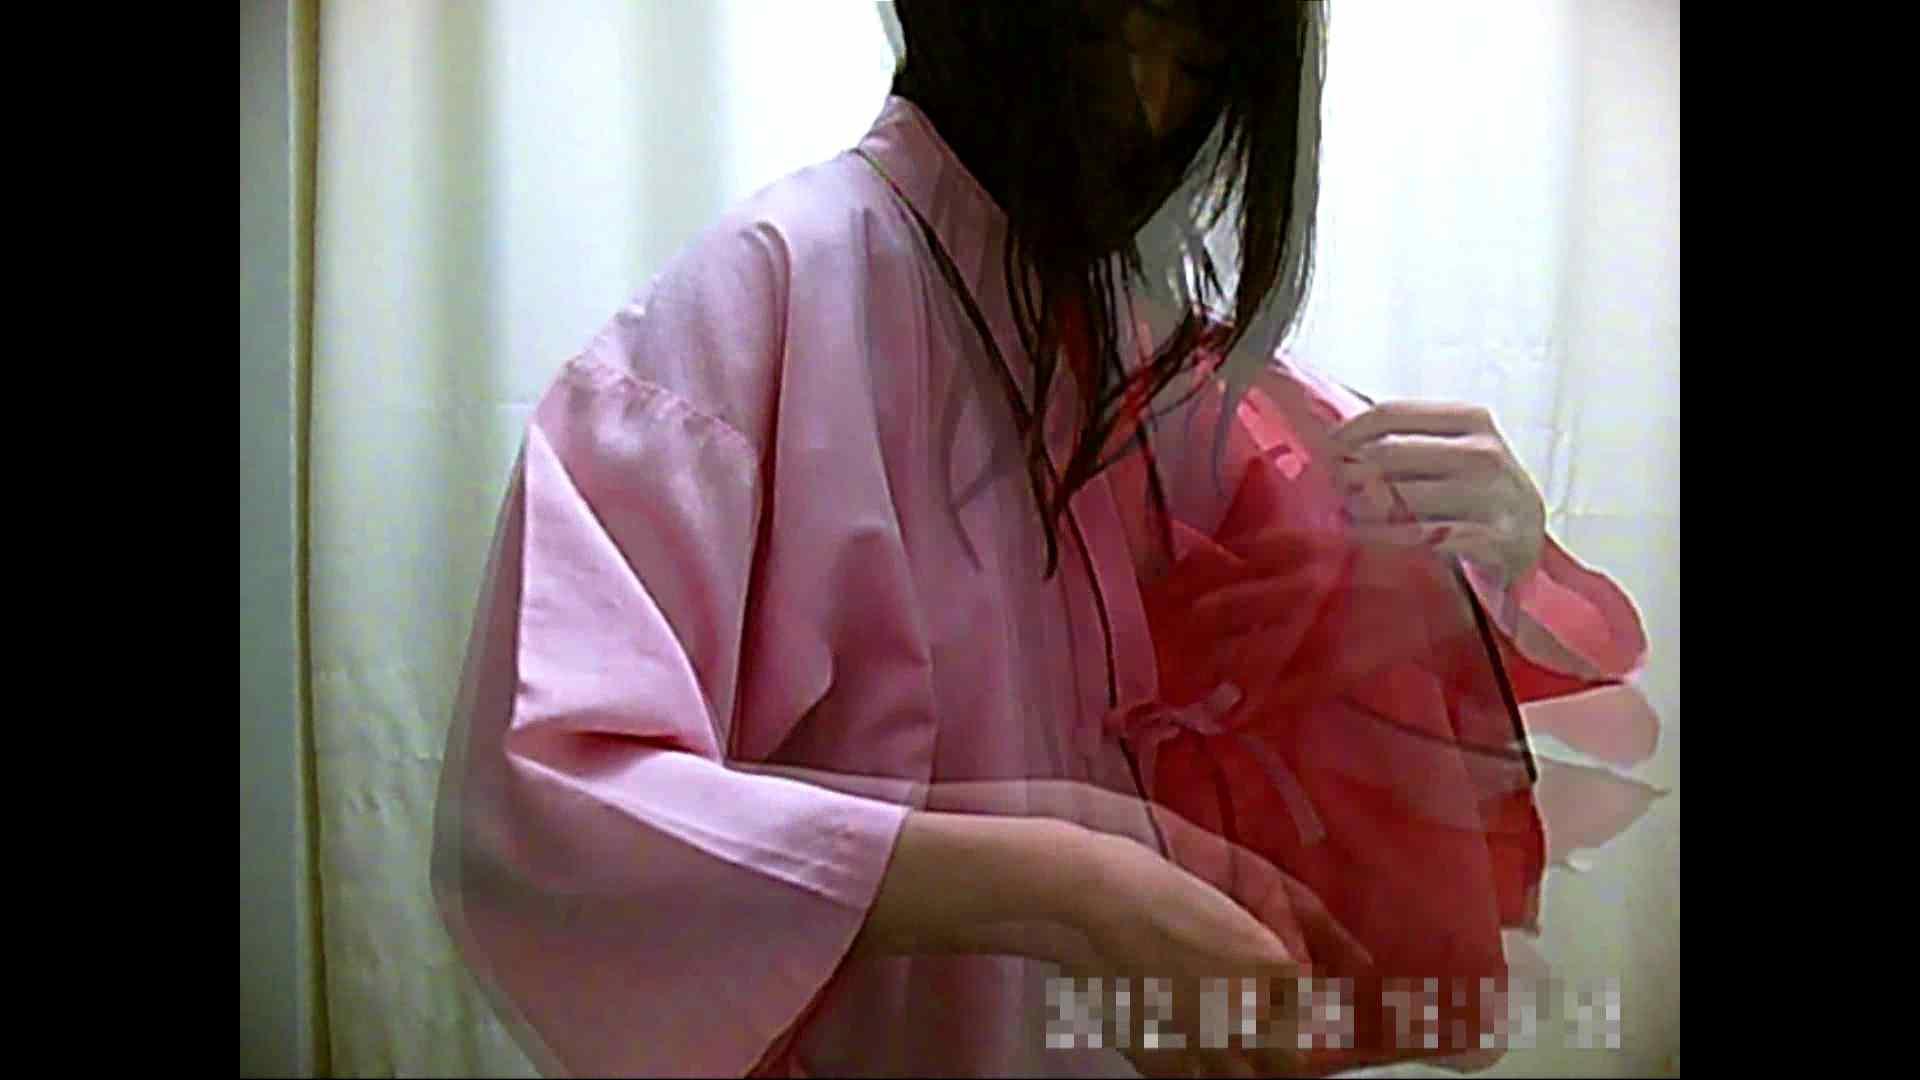 元医者による反抗 更衣室地獄絵巻 vol.020 ギャル攻め おまんこ無修正動画無料 86画像 65